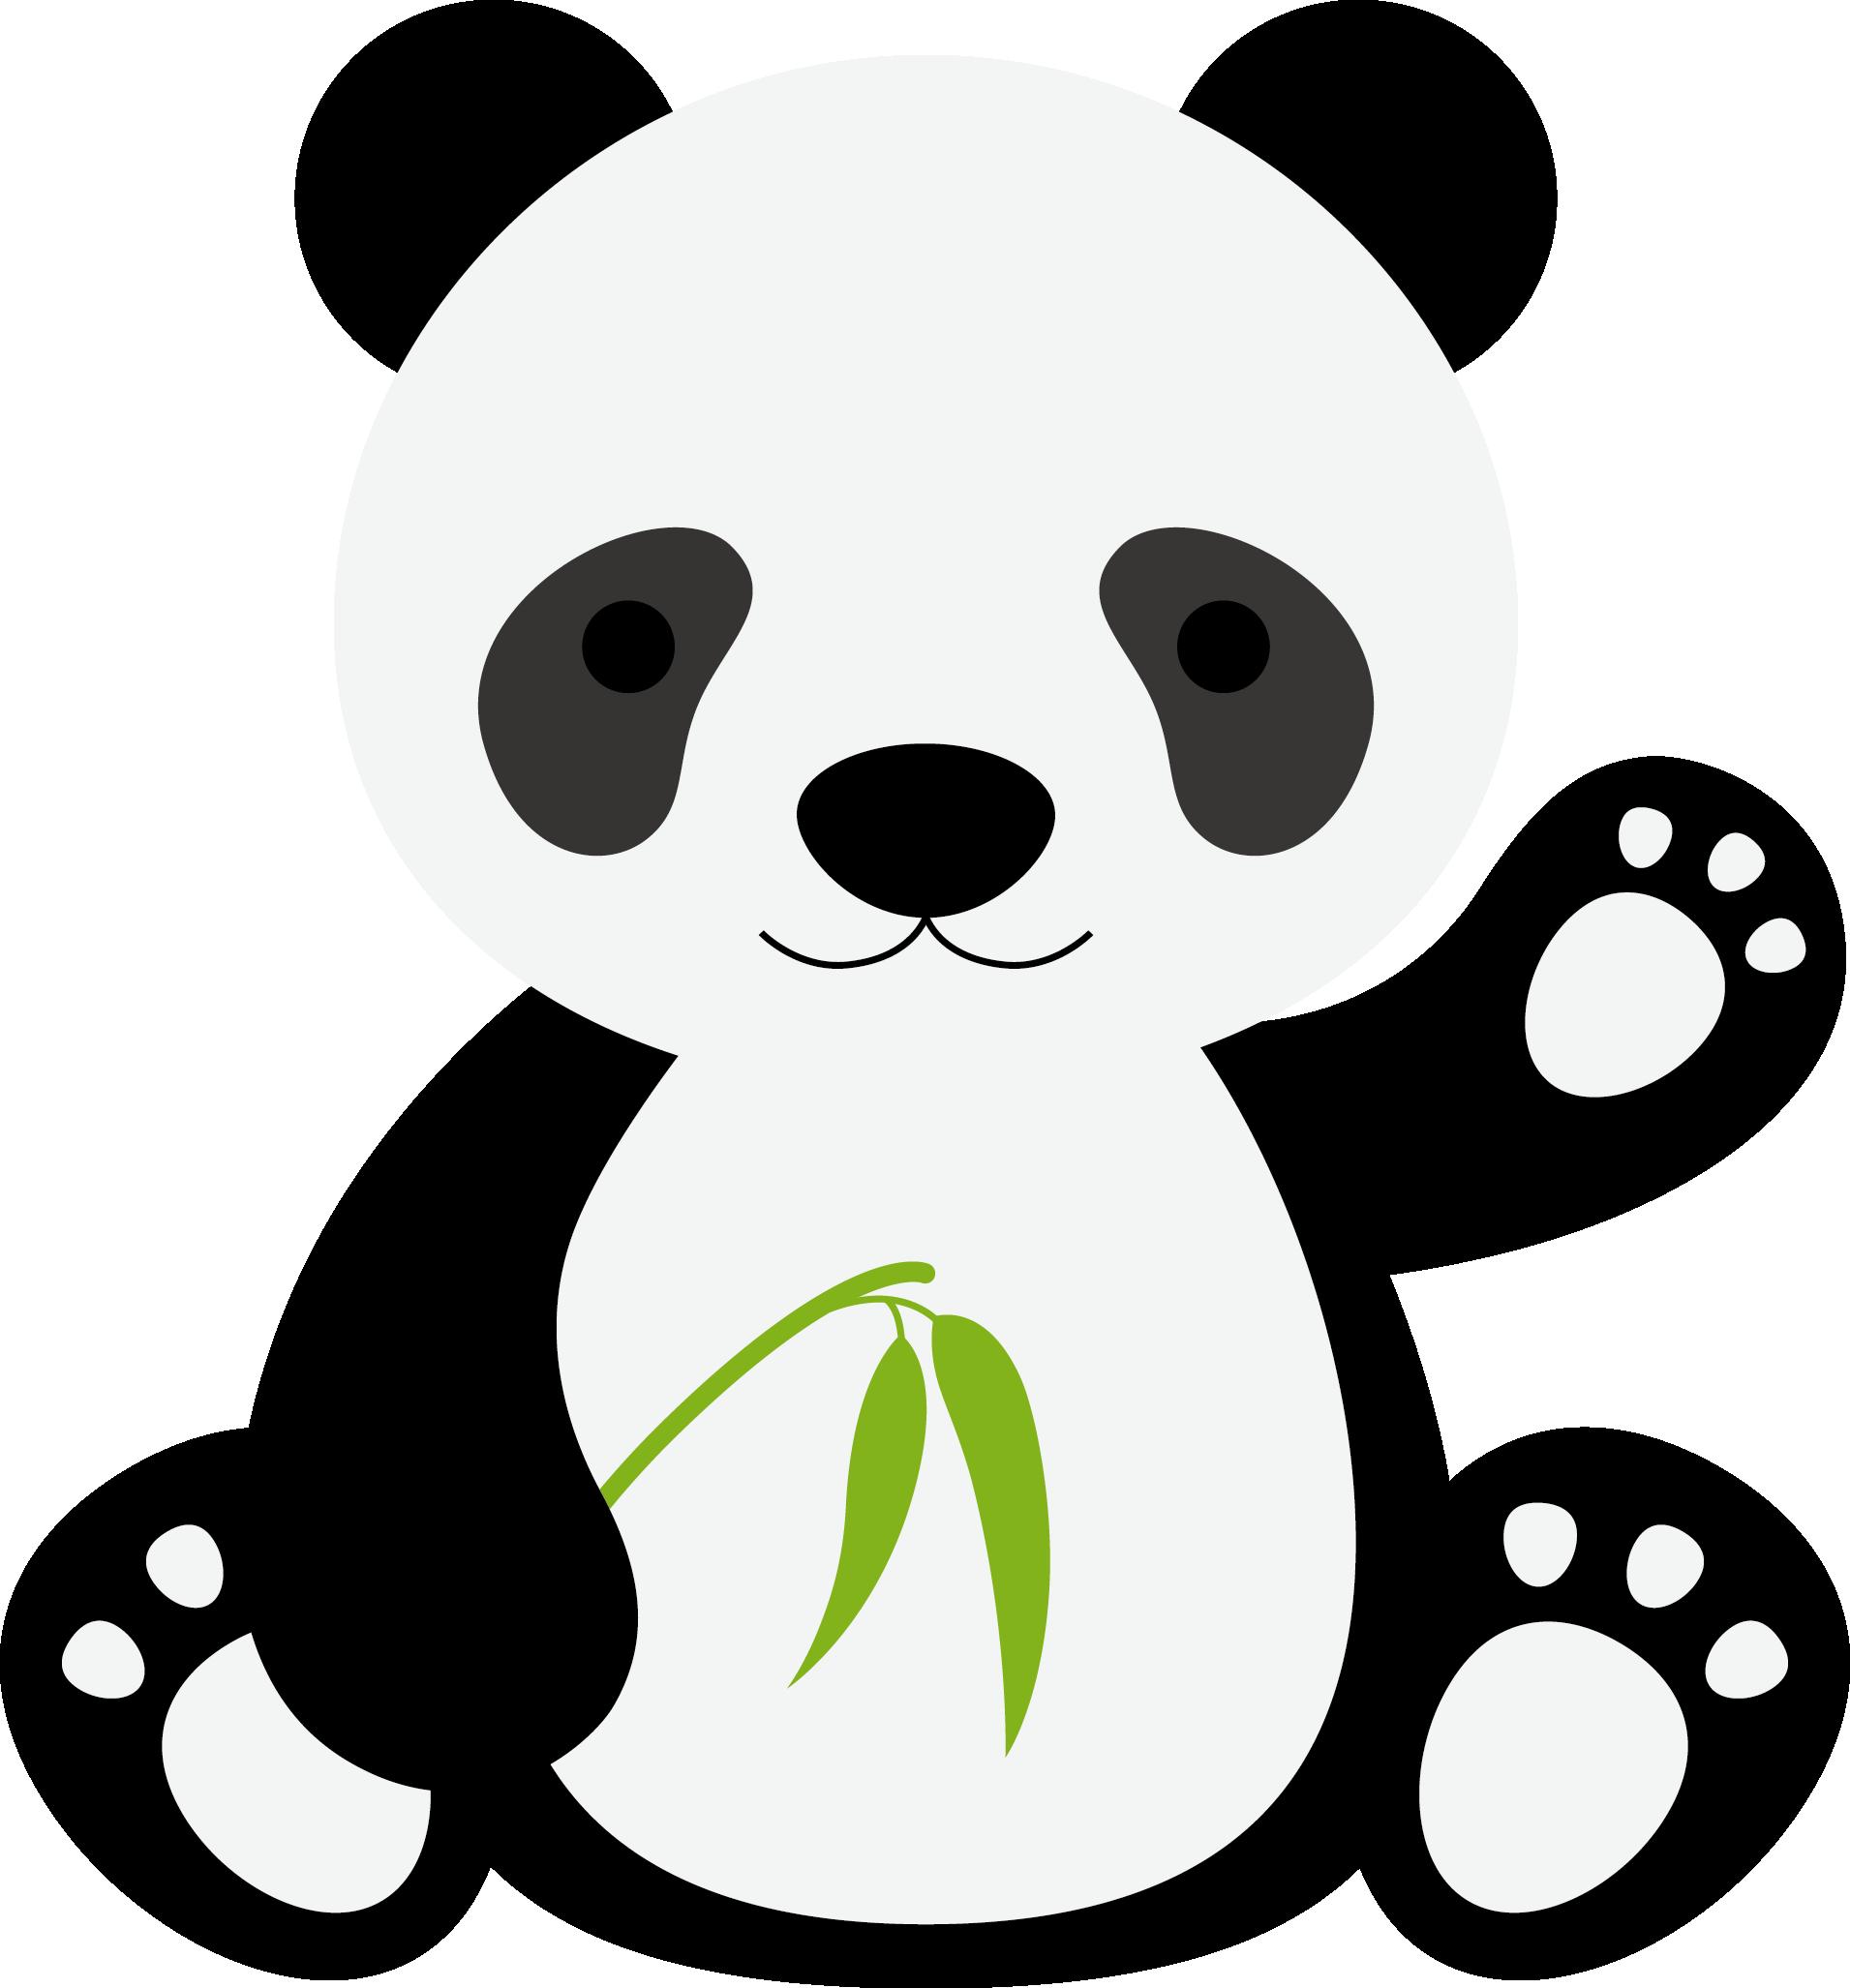 Giant panda Tiger Gorilla Cartoon.